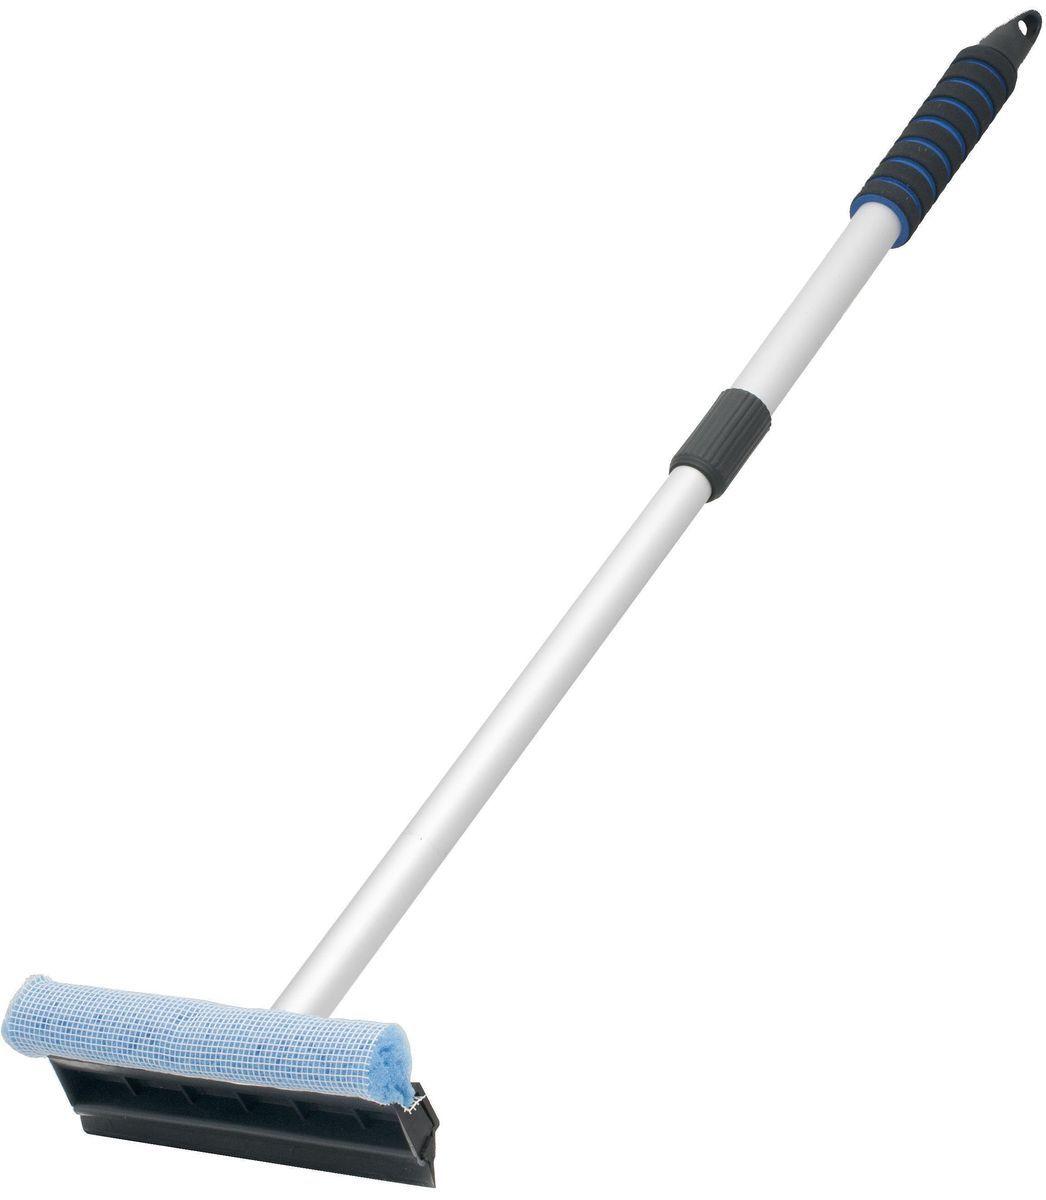 Водосгон Главдор GL-563, на телескопической ручке, цвет: голубойGL-563Телескопический, алюминиевый водосгон с удобным держателем из пенополиэтилена, длина раздвигающейся ручки55 - 85см. Снабжен резиновым лезвием и поролоновой губкой для эффективной очистки загрязненных поверхностей.